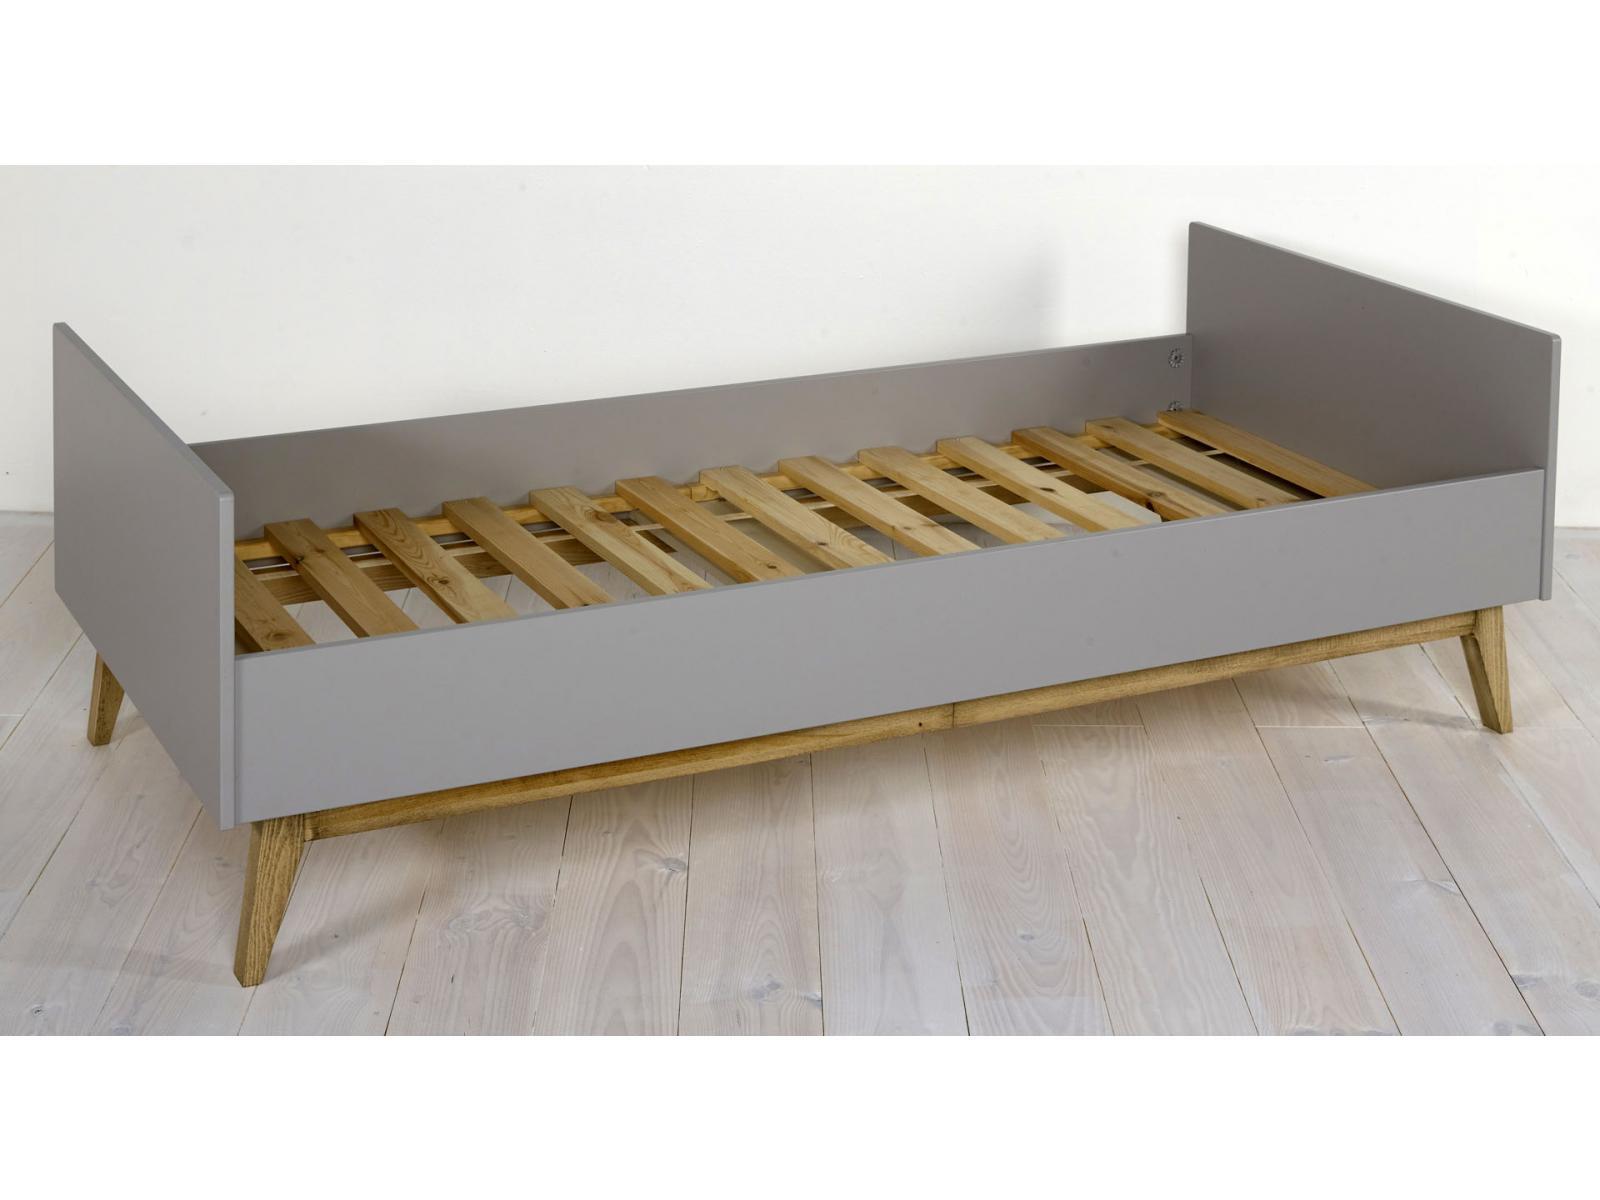 Quax lit junior trendy gris 90 200 cm for Chambre quax trendy